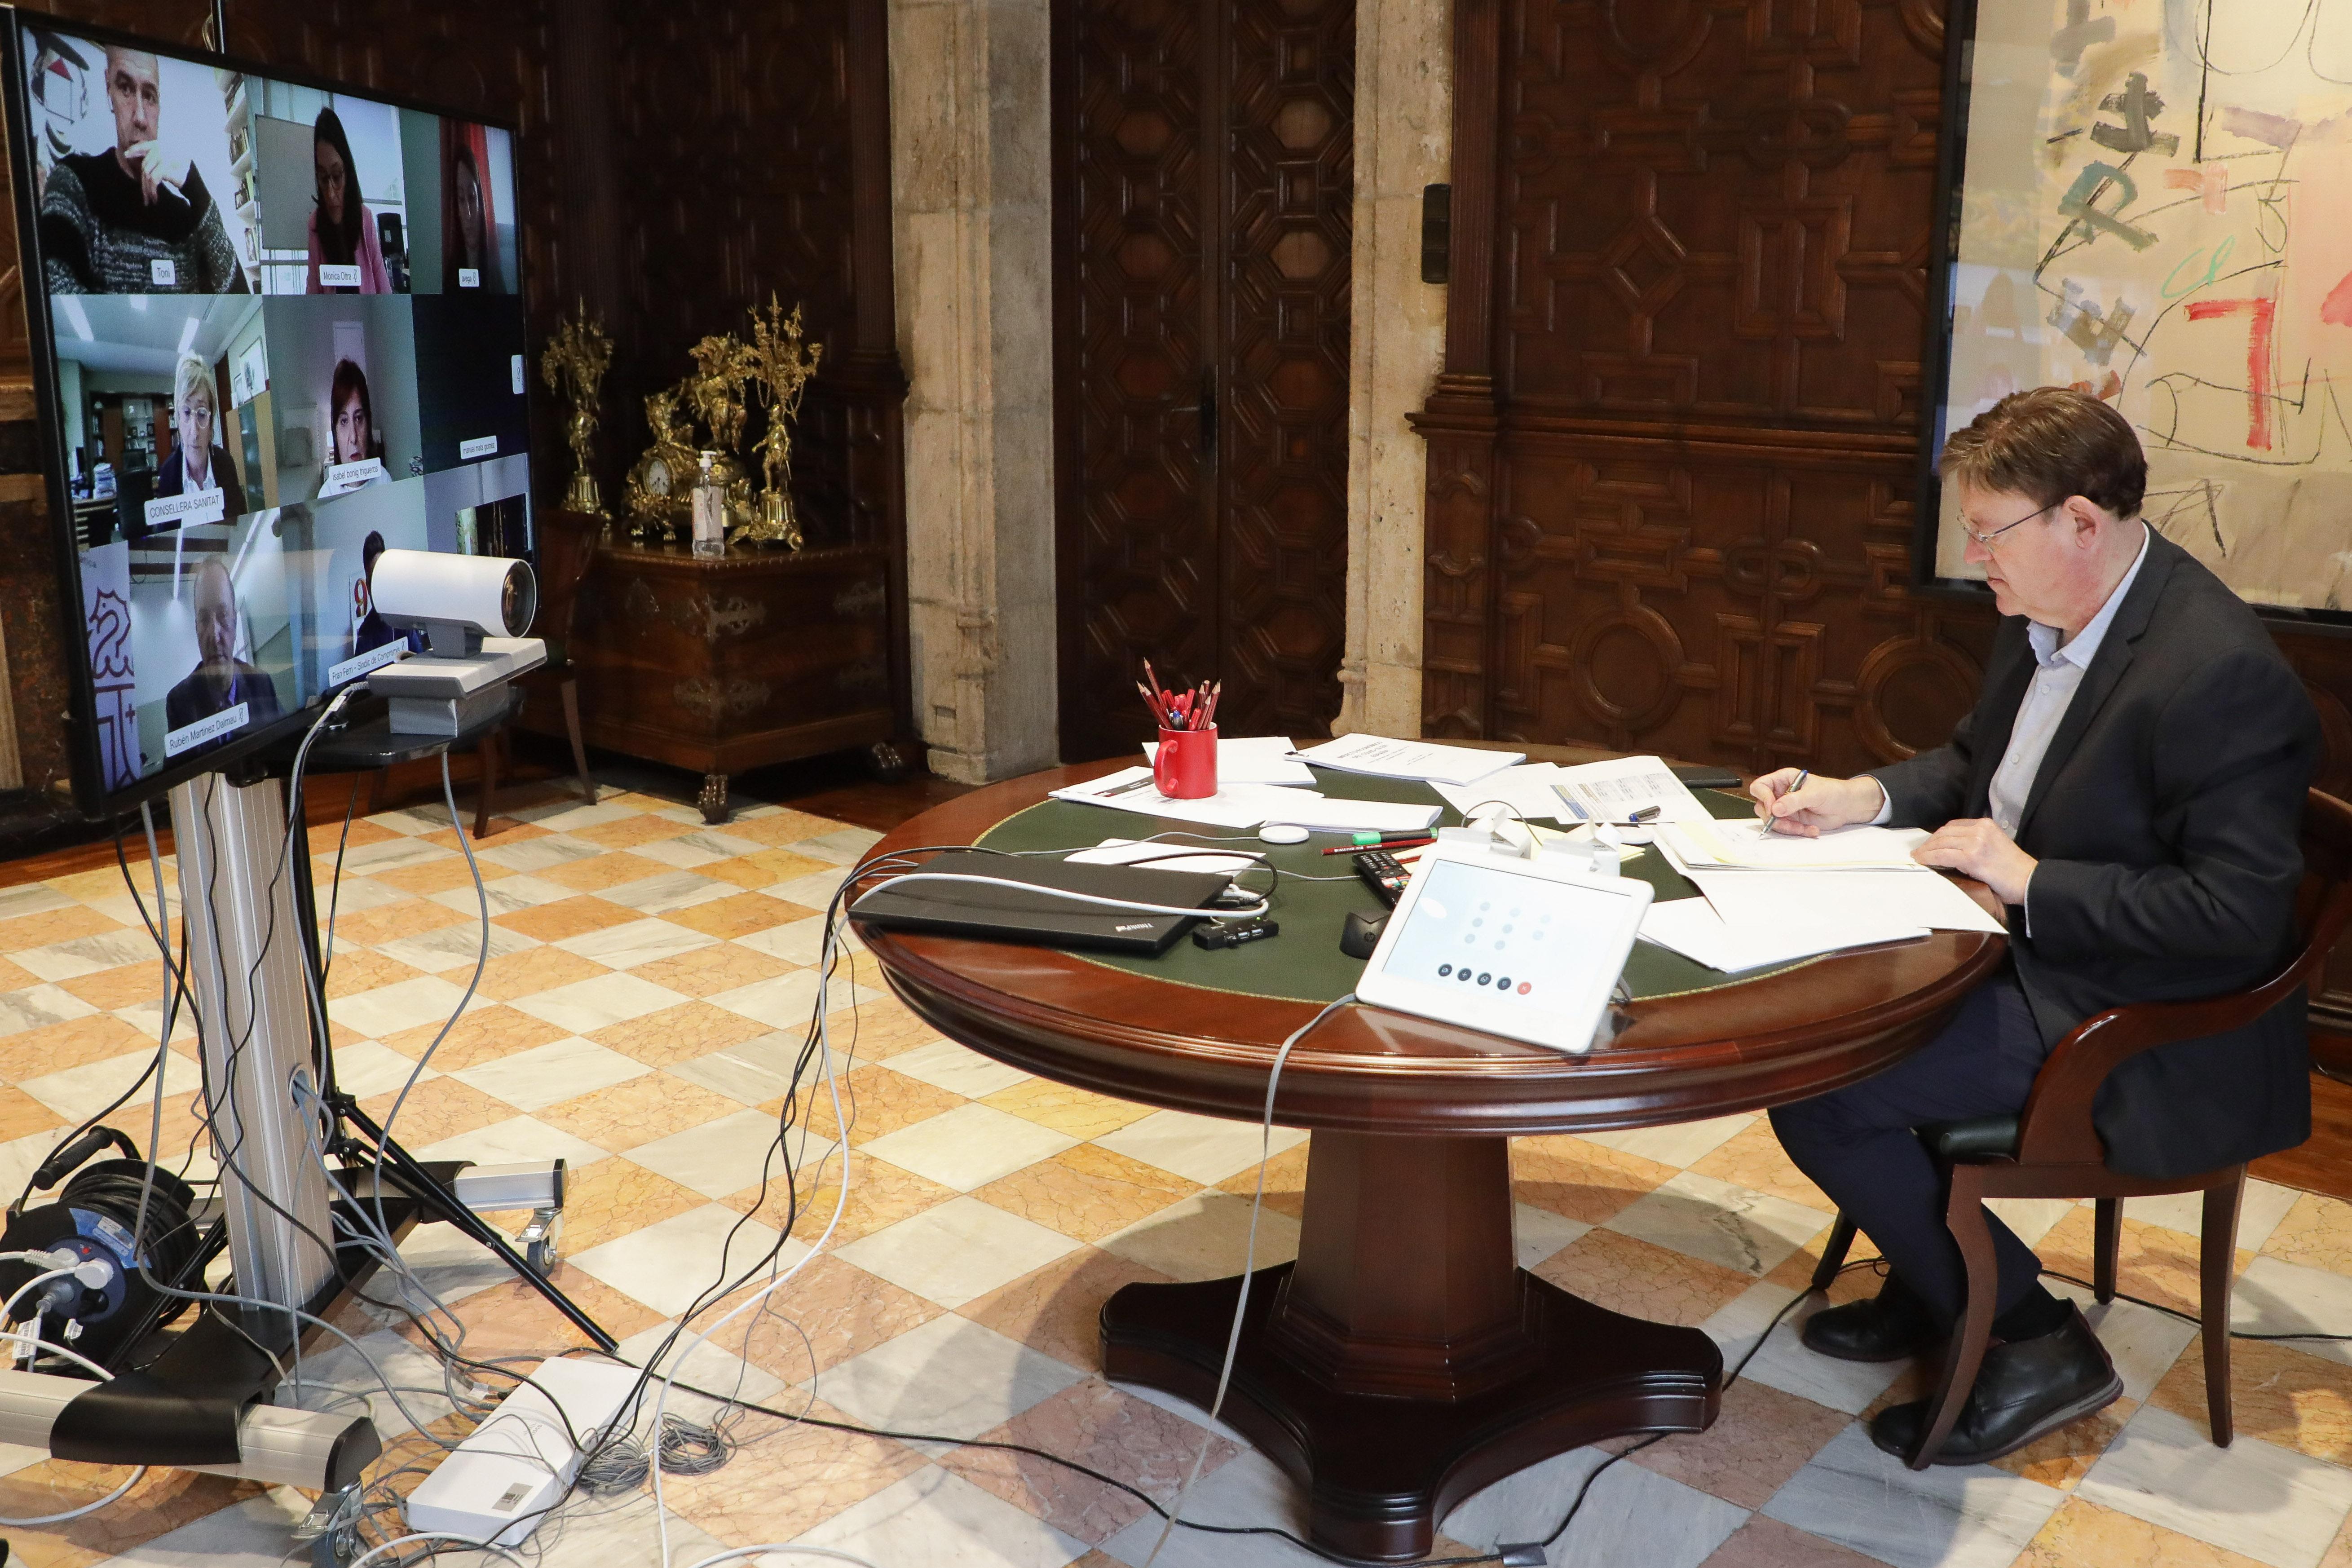 Ximo Puig destaca que se ofrecerá información por municipios sobre la COVID-19 siempre que estén garantizados los derechos de las personas afectadas